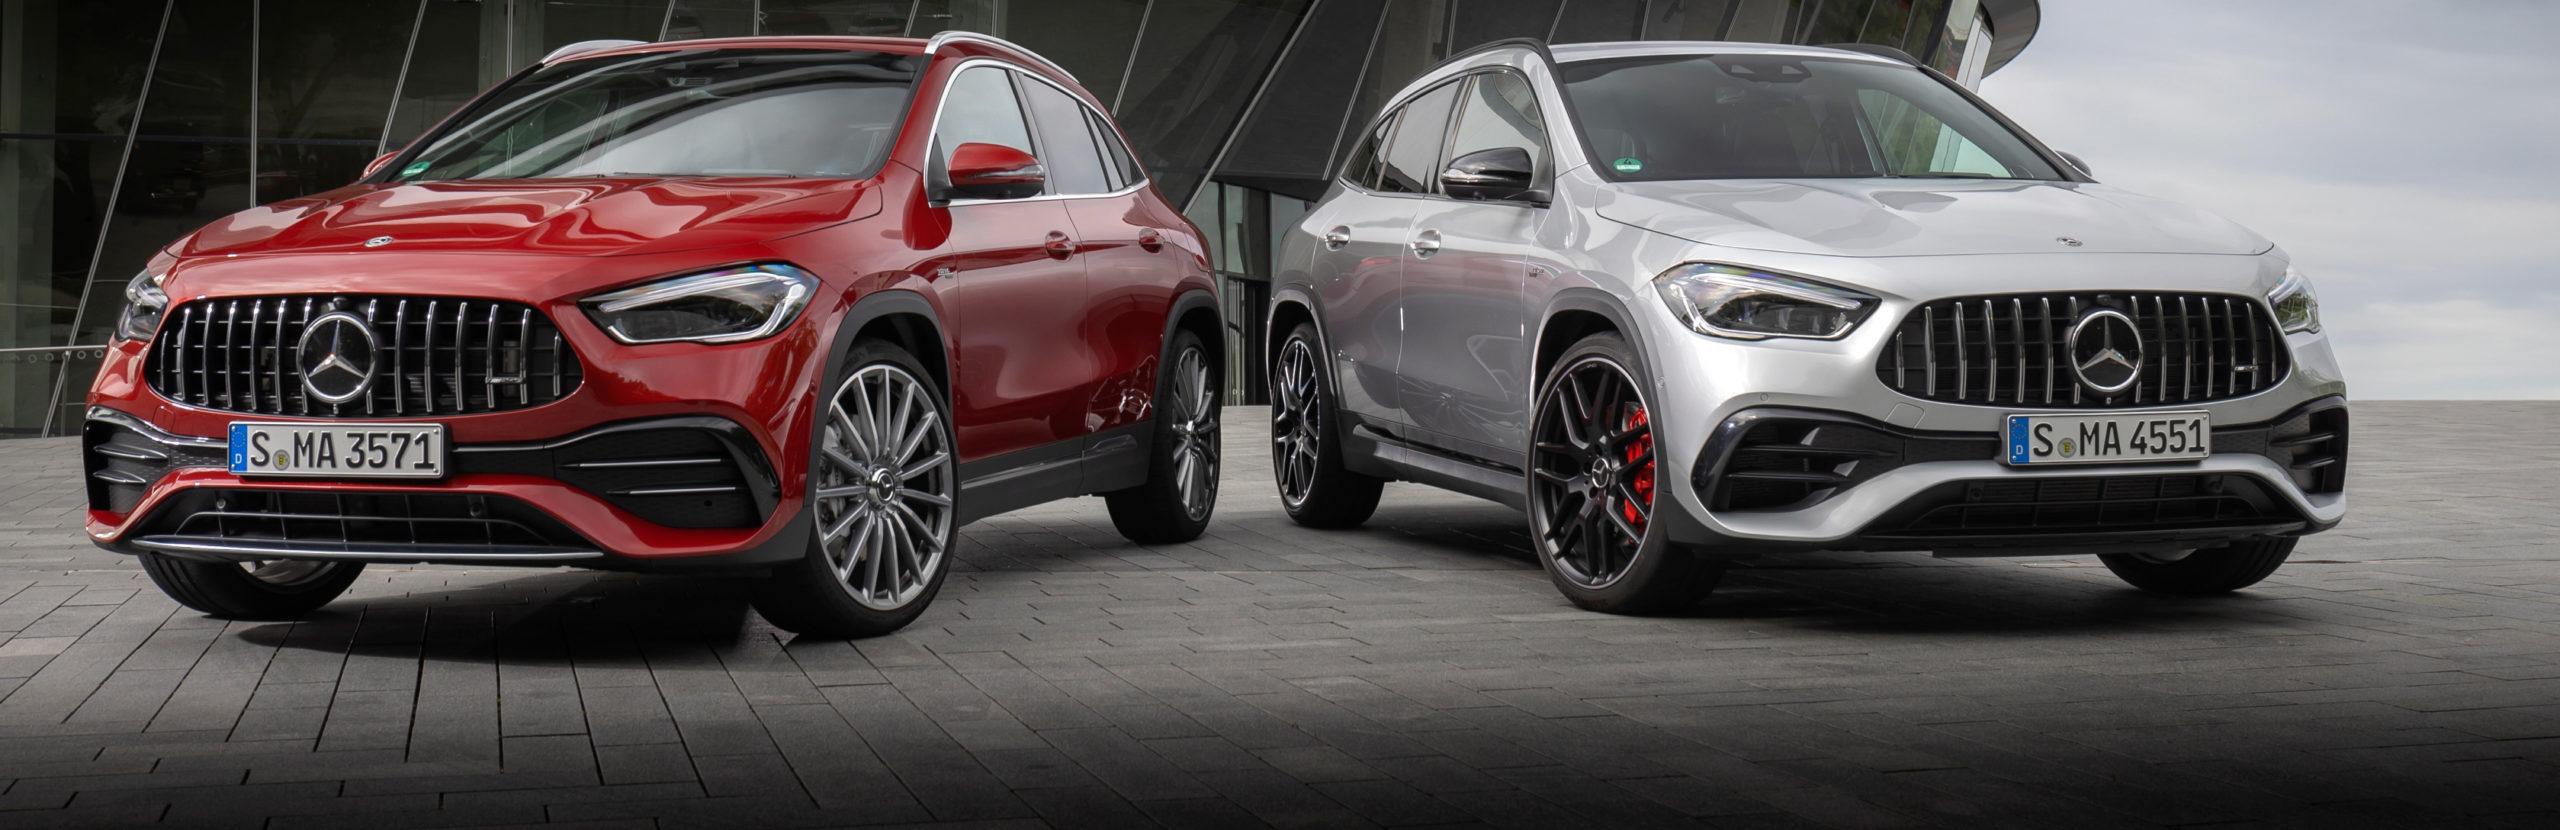 Mercedes-Benz AMG GLA ya tienen precios en sus versiones 35 y 45 4MATIC